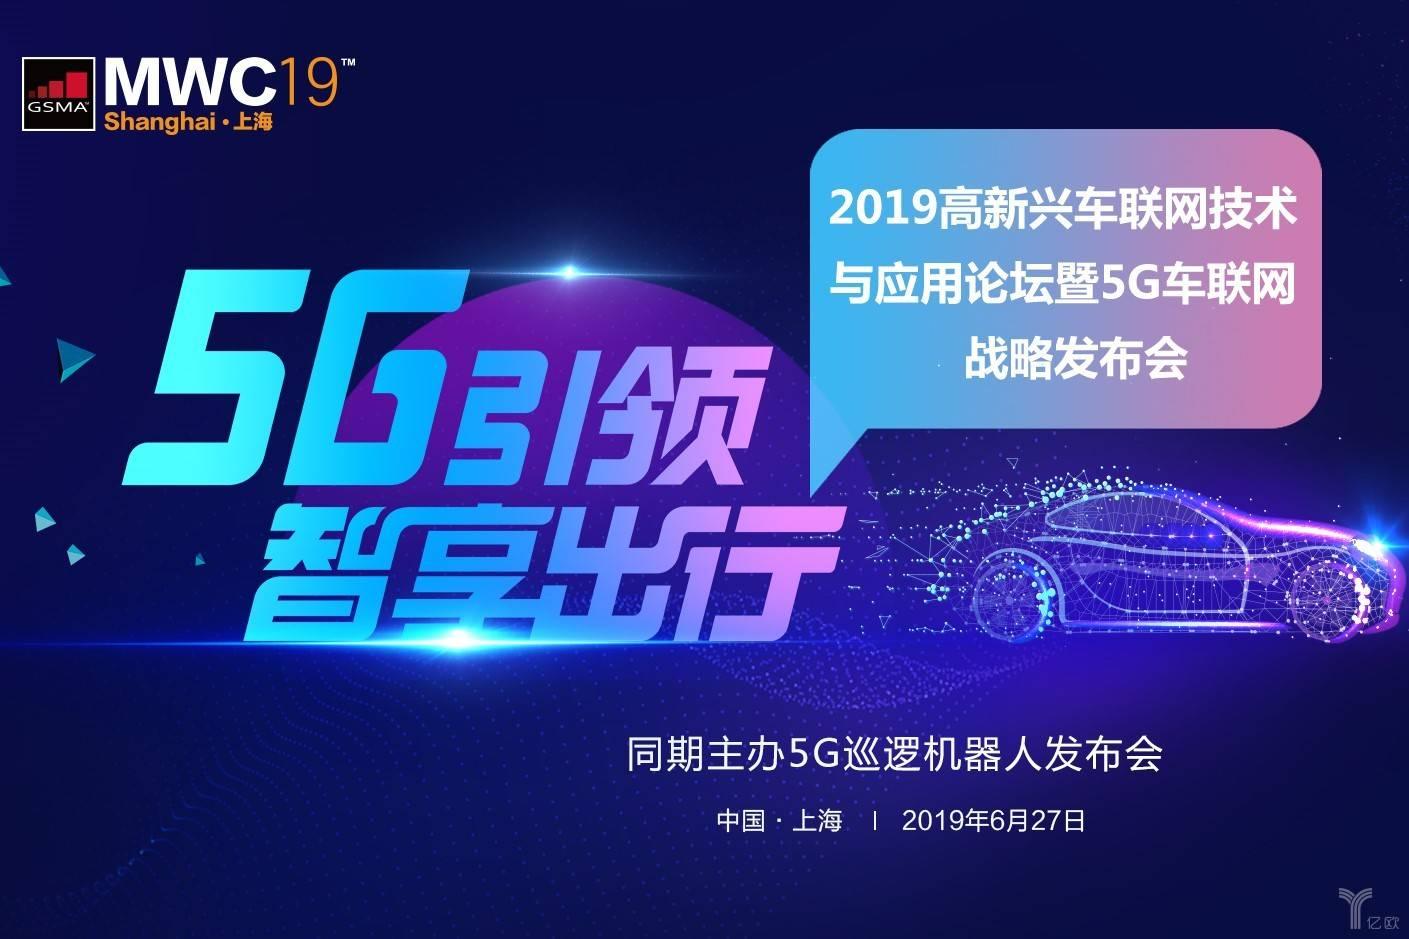 高新興,5G,車聯網,V2X,無人駕駛